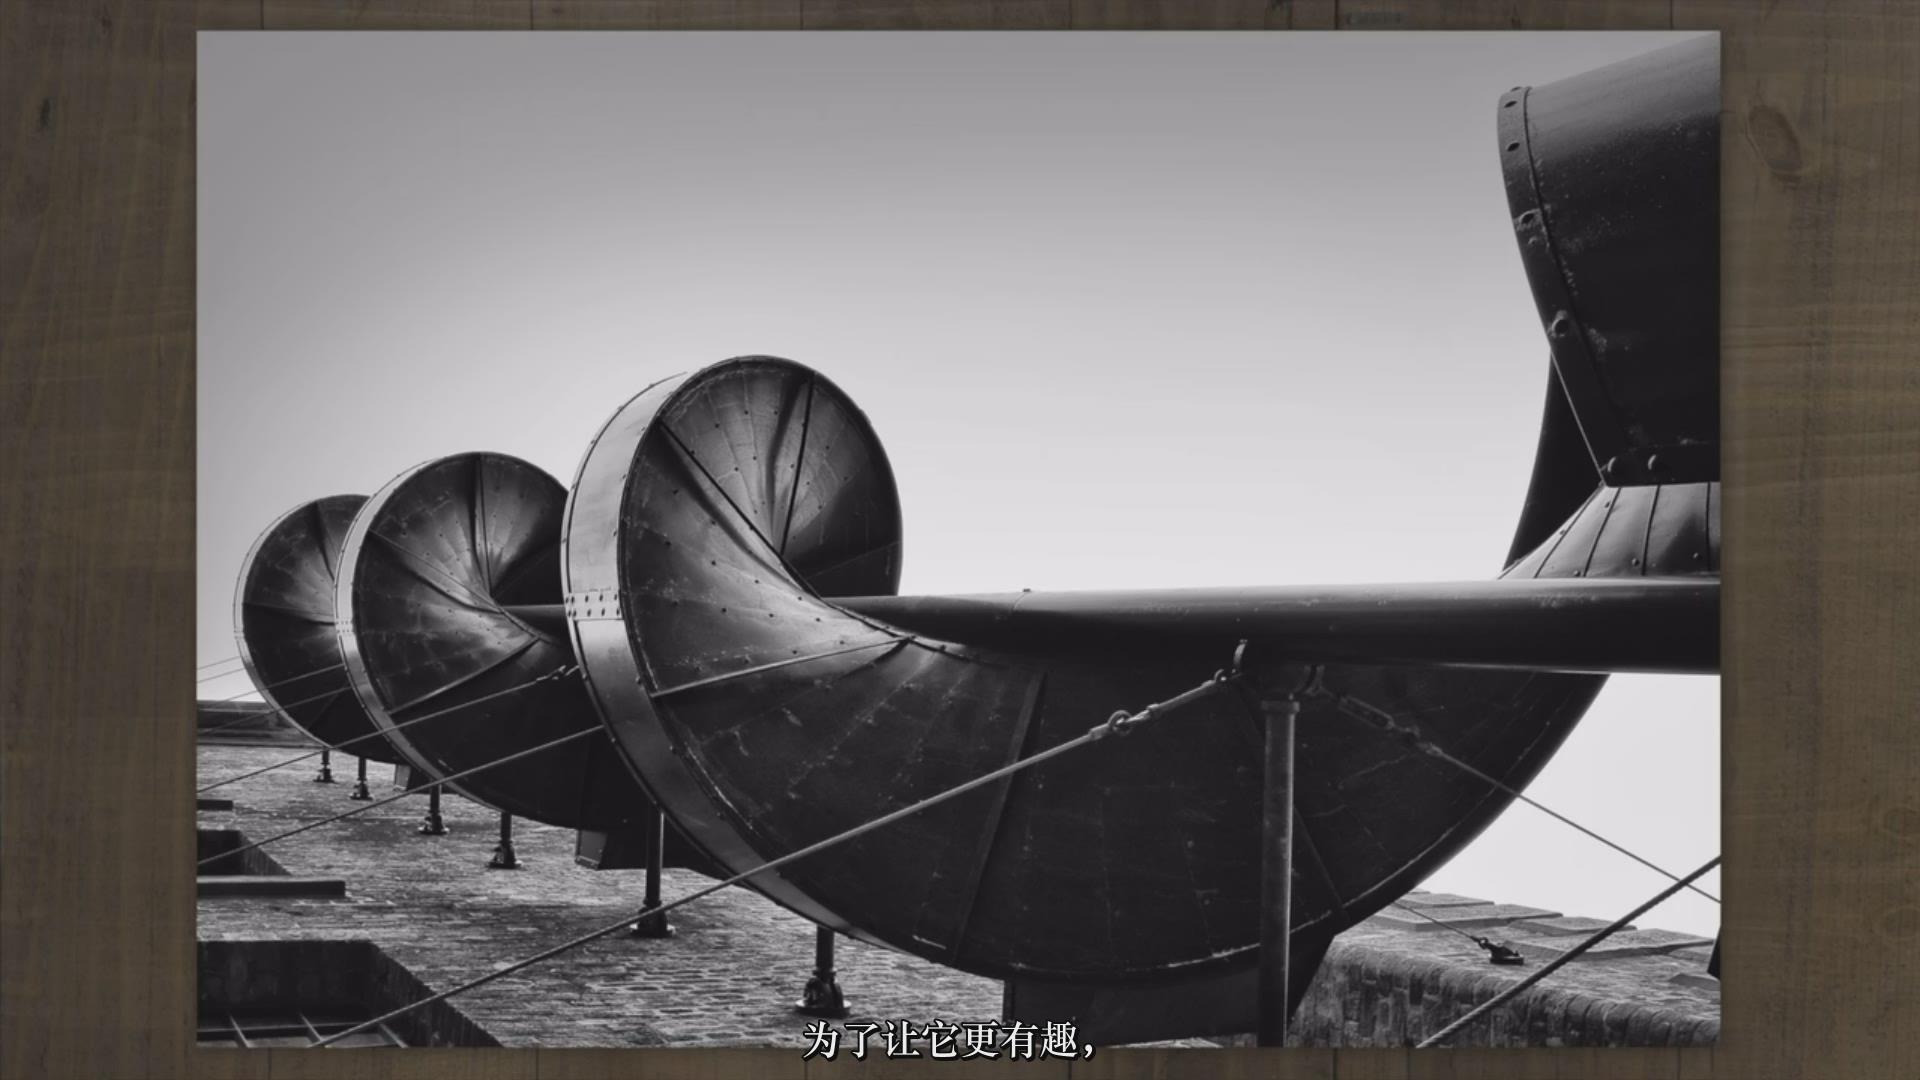 """摄影教程_Frank Minghella-""""完美照片构图""""将您摄影技术提高到一个新水平-中文字幕 摄影教程 _预览图9"""